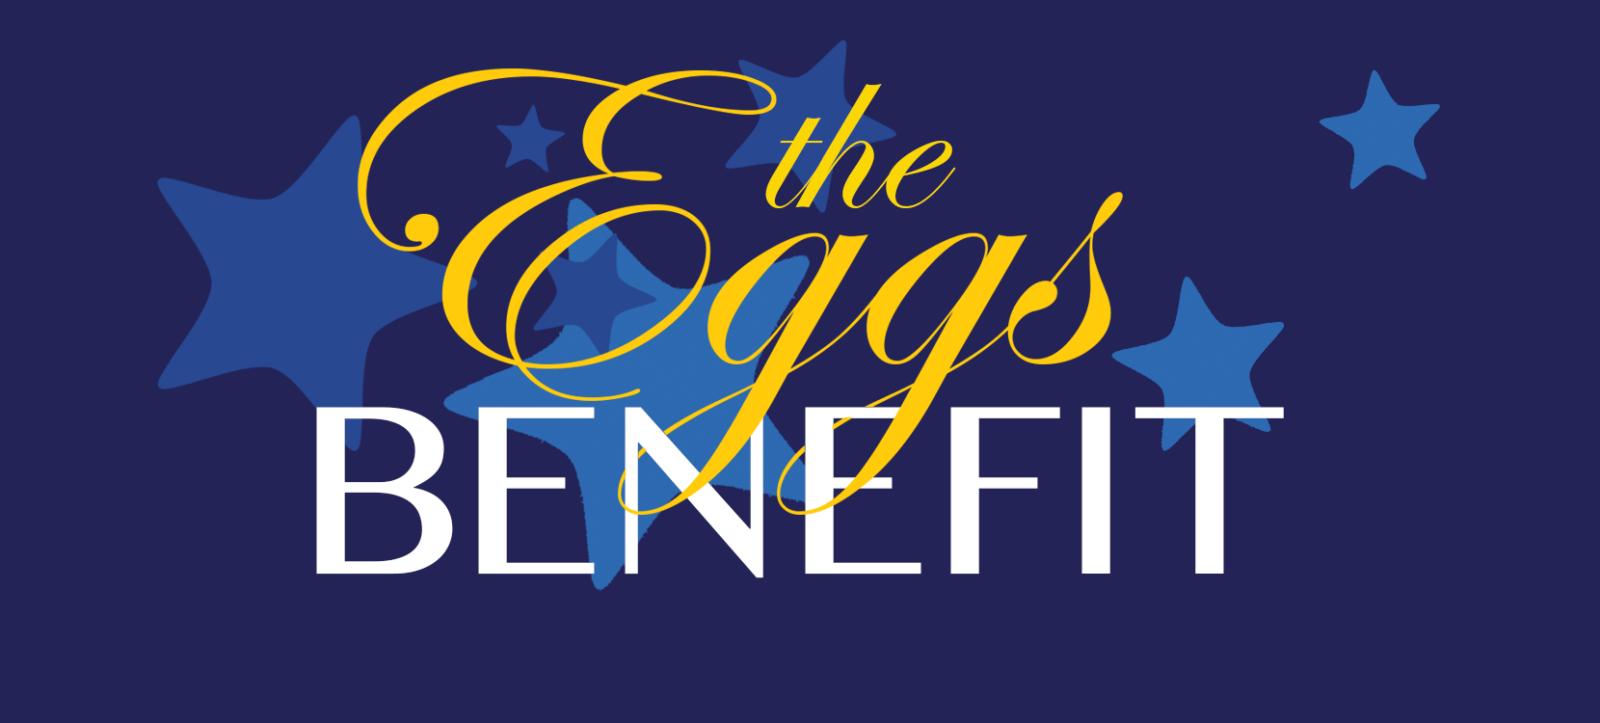 egg_banner_2